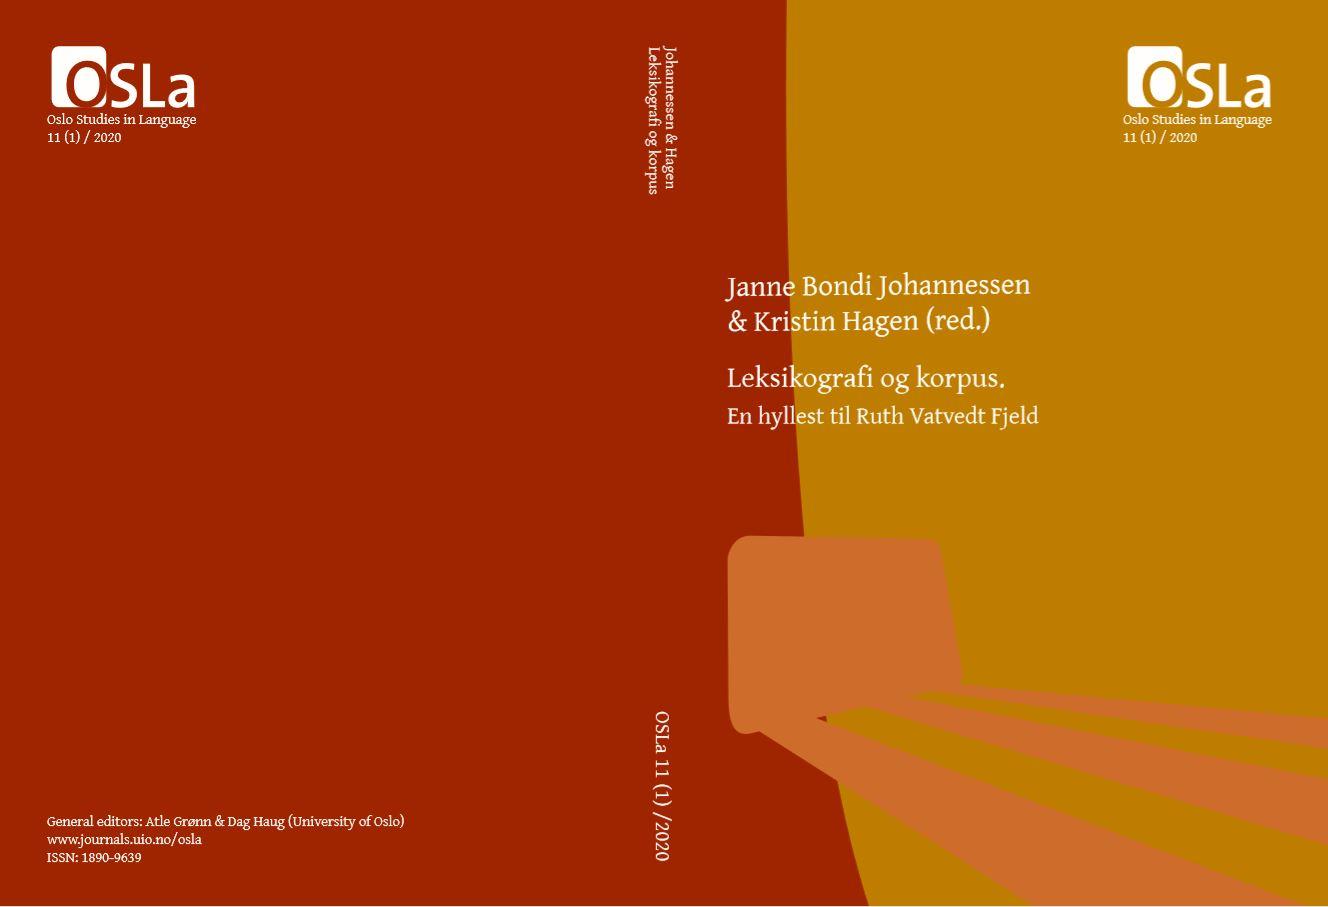 ohannessen, Janne Bondi & Kristin Hagen (red.) Leksikografi og korpus. En hyllest til Ruth Vatvedt Fjeld, Oslo Studies in Language 11(1), 2020. 3–5. (ISSN 1890-9639 / ISBN 978-82-91398-12-9)